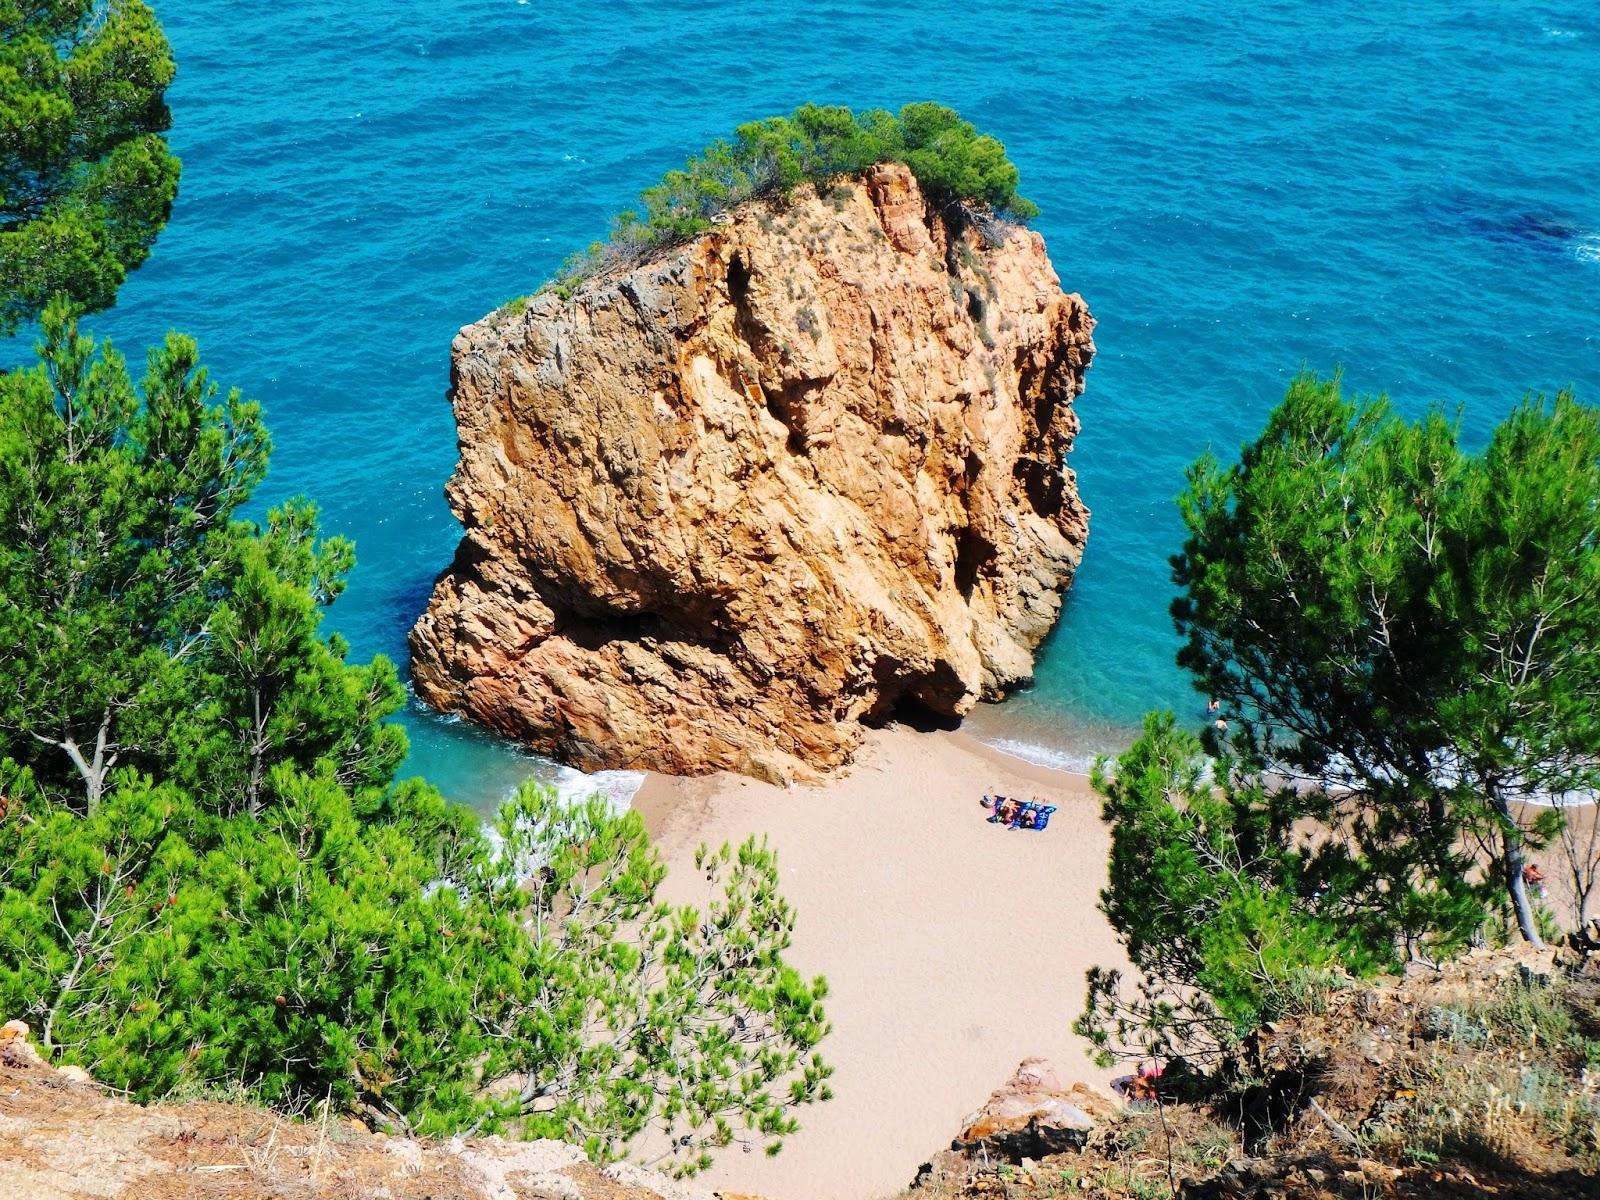 Playa Cala Roja